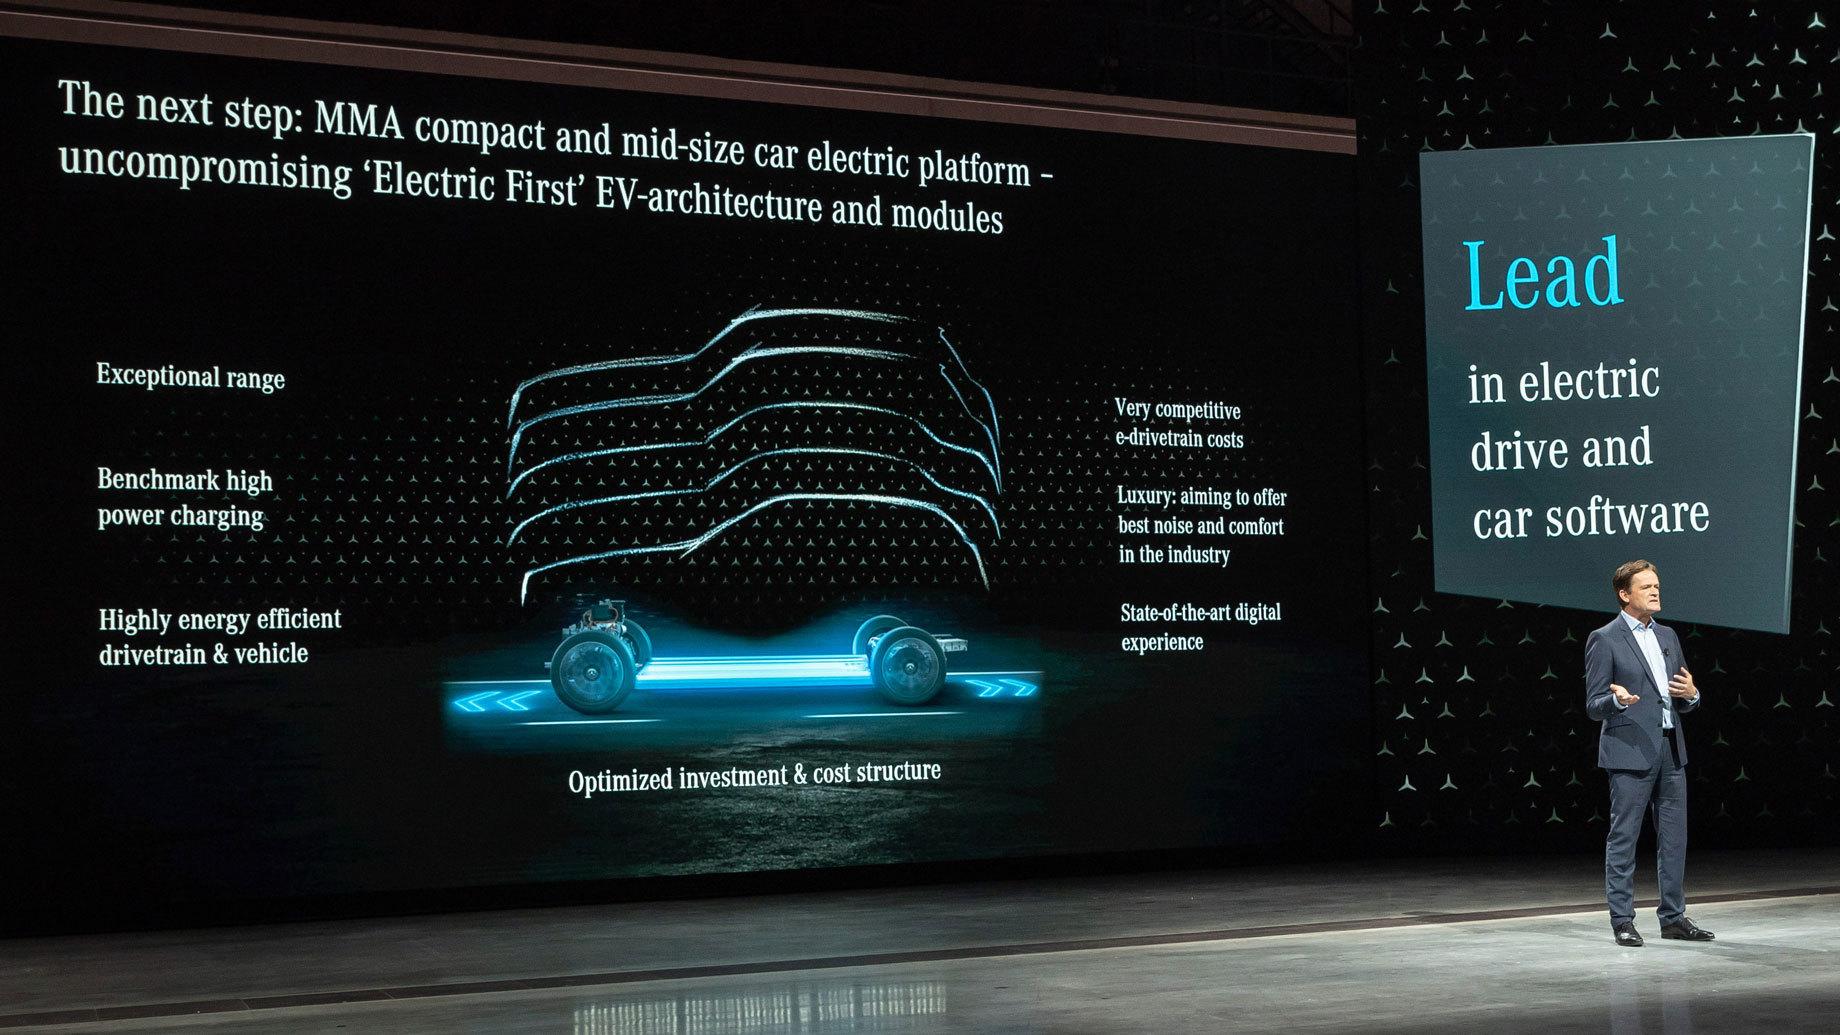 Mercedes-Benz презентував оновлену бізнес-стратегію